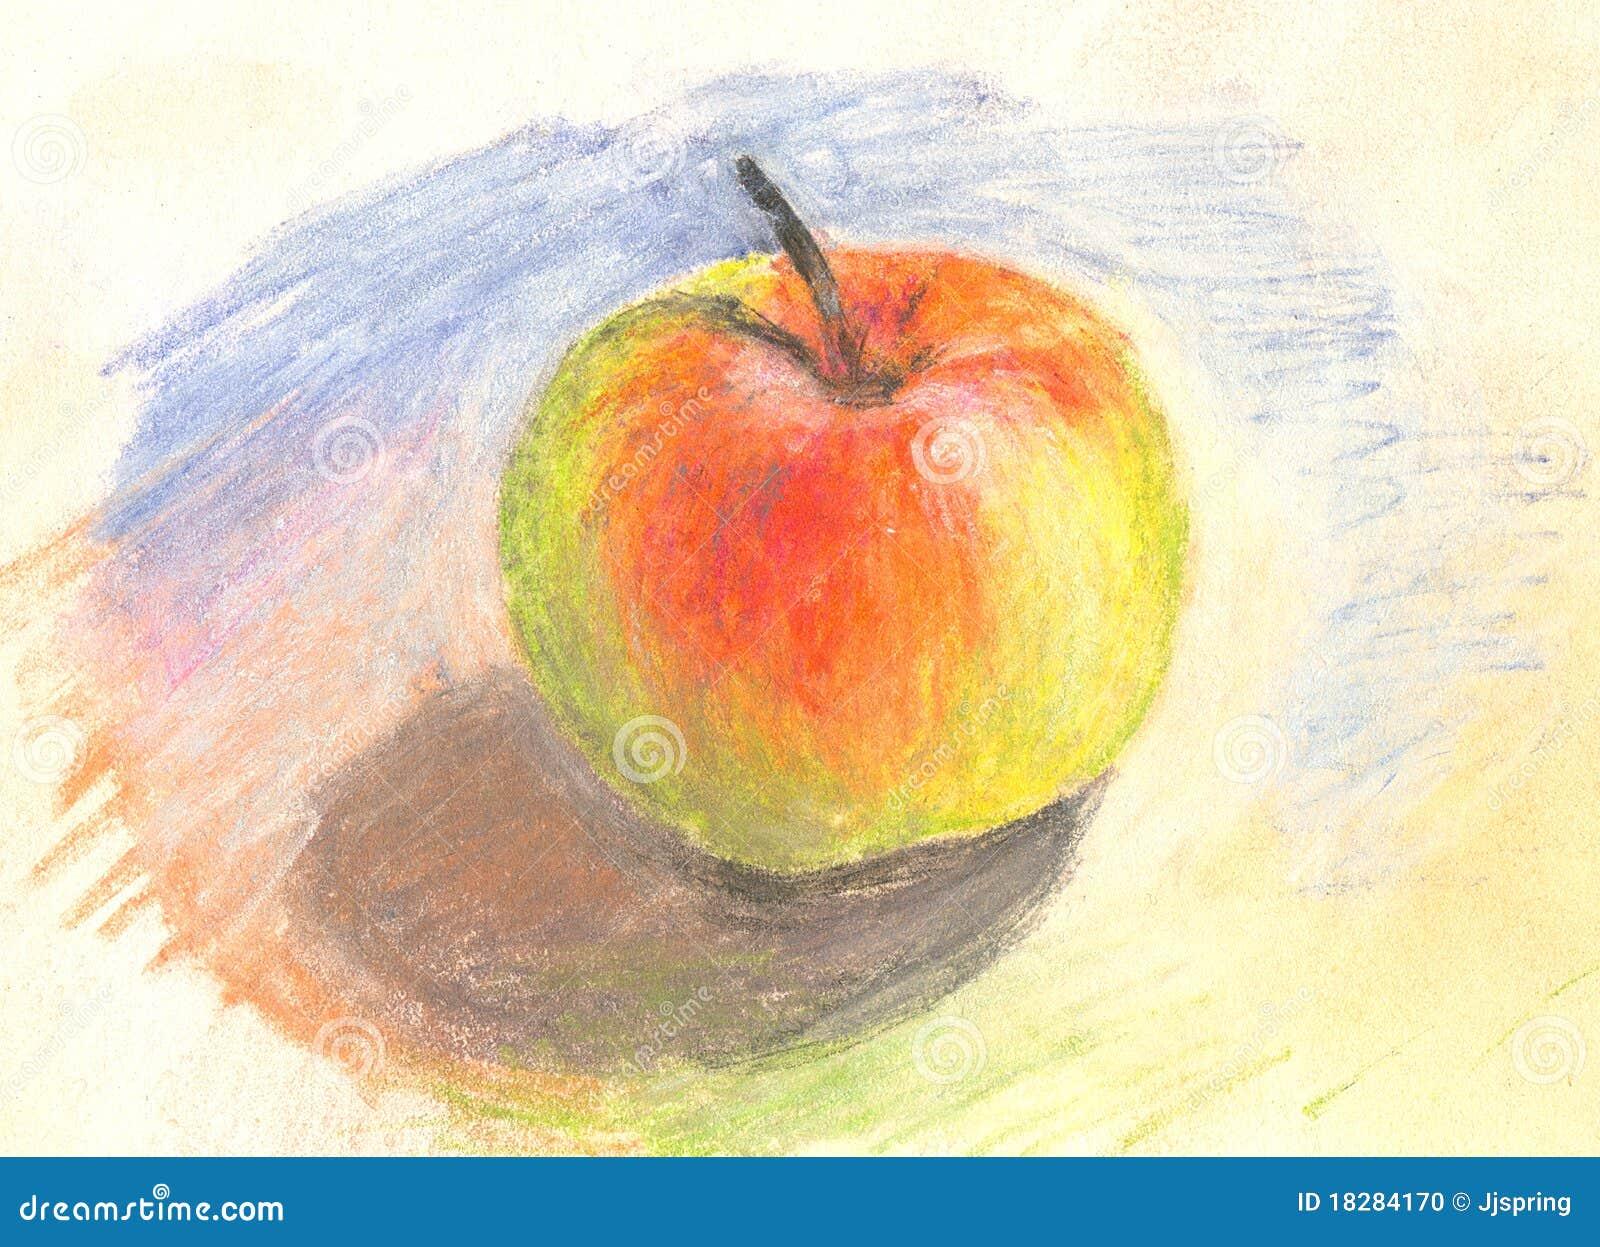 Manzana En Colores Pastel Pintada A Mano Stock de ilustración ...